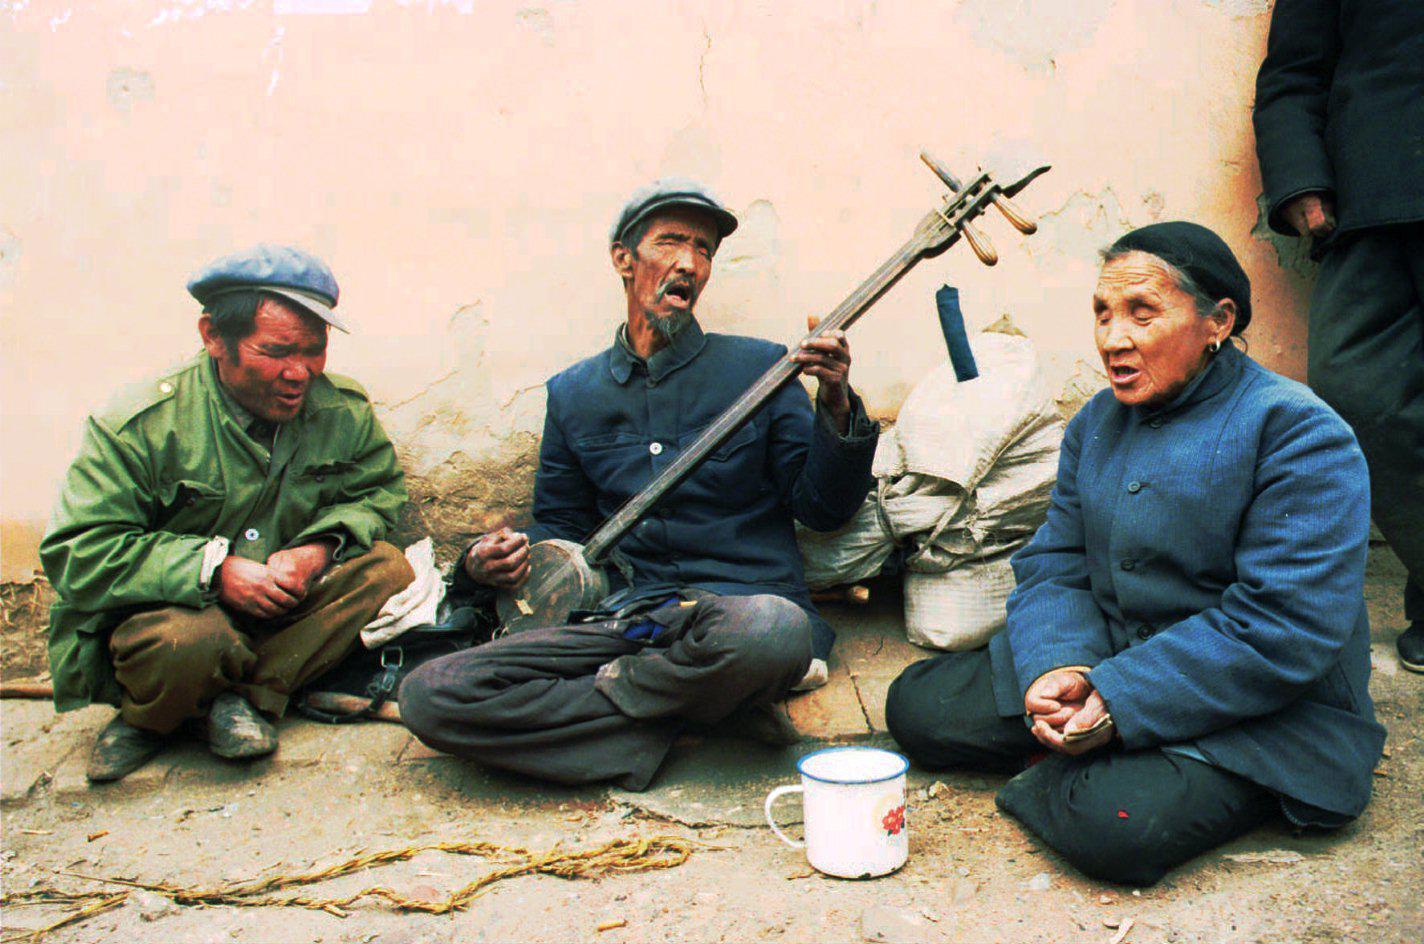 1996年8月20日,青海湟中。说得好听点叫盲人街头艺术家,实际上他们就是在乞讨。/AP